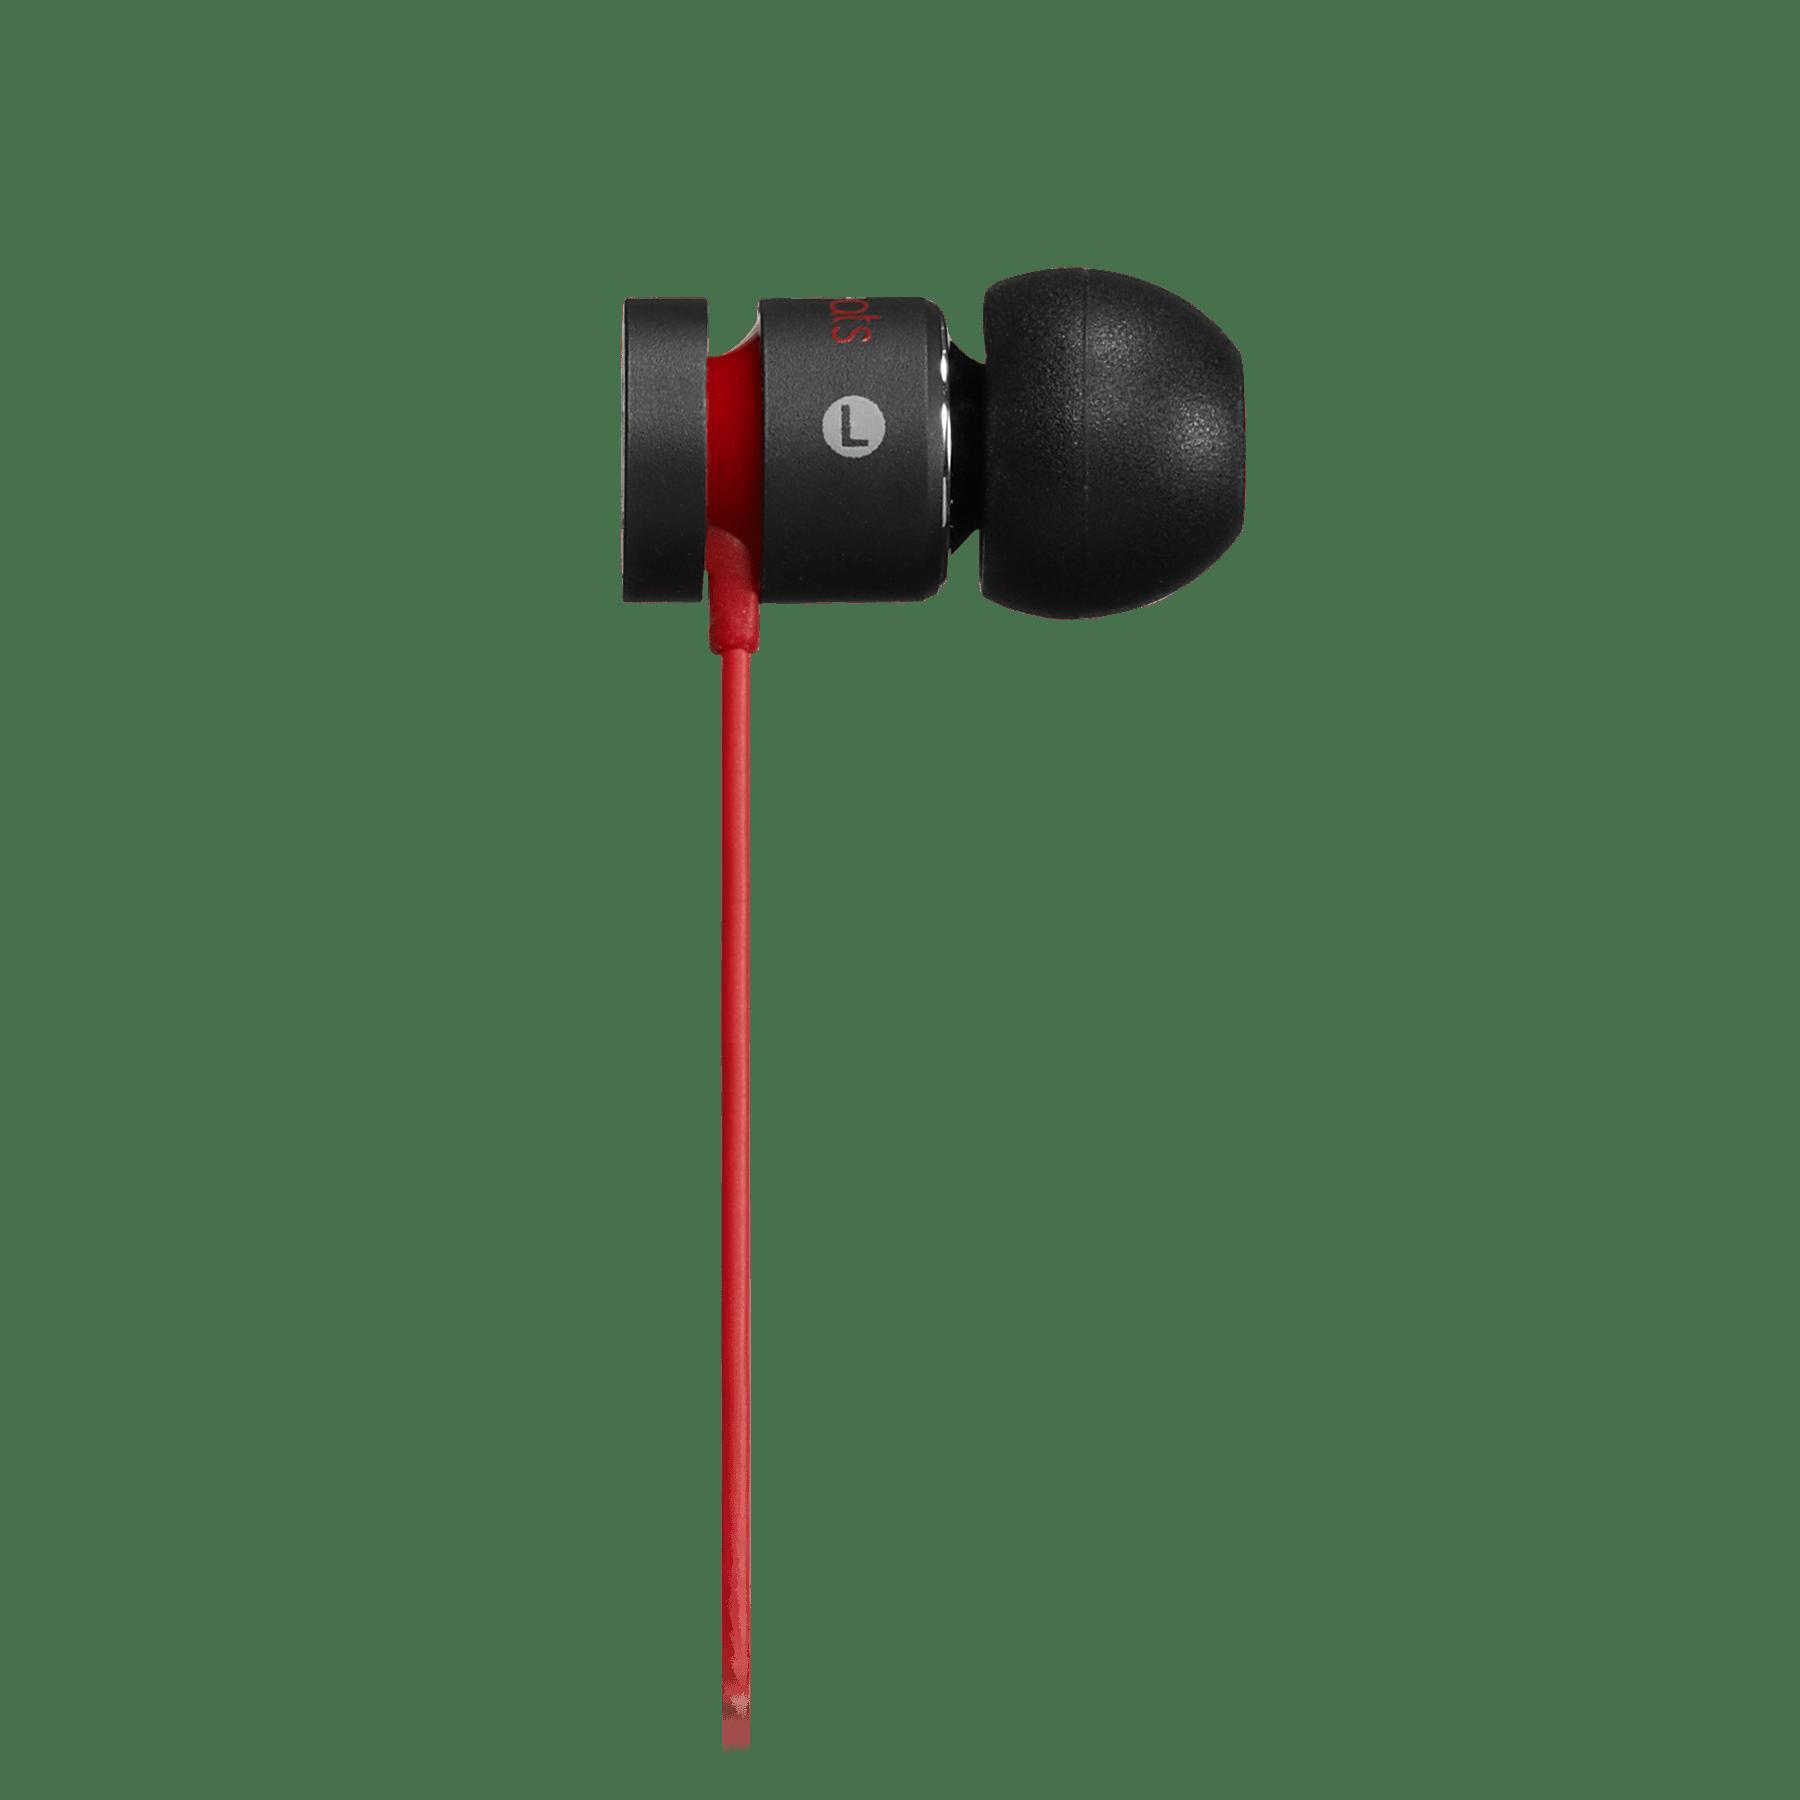 Apple earphones storage - earphones mic apple